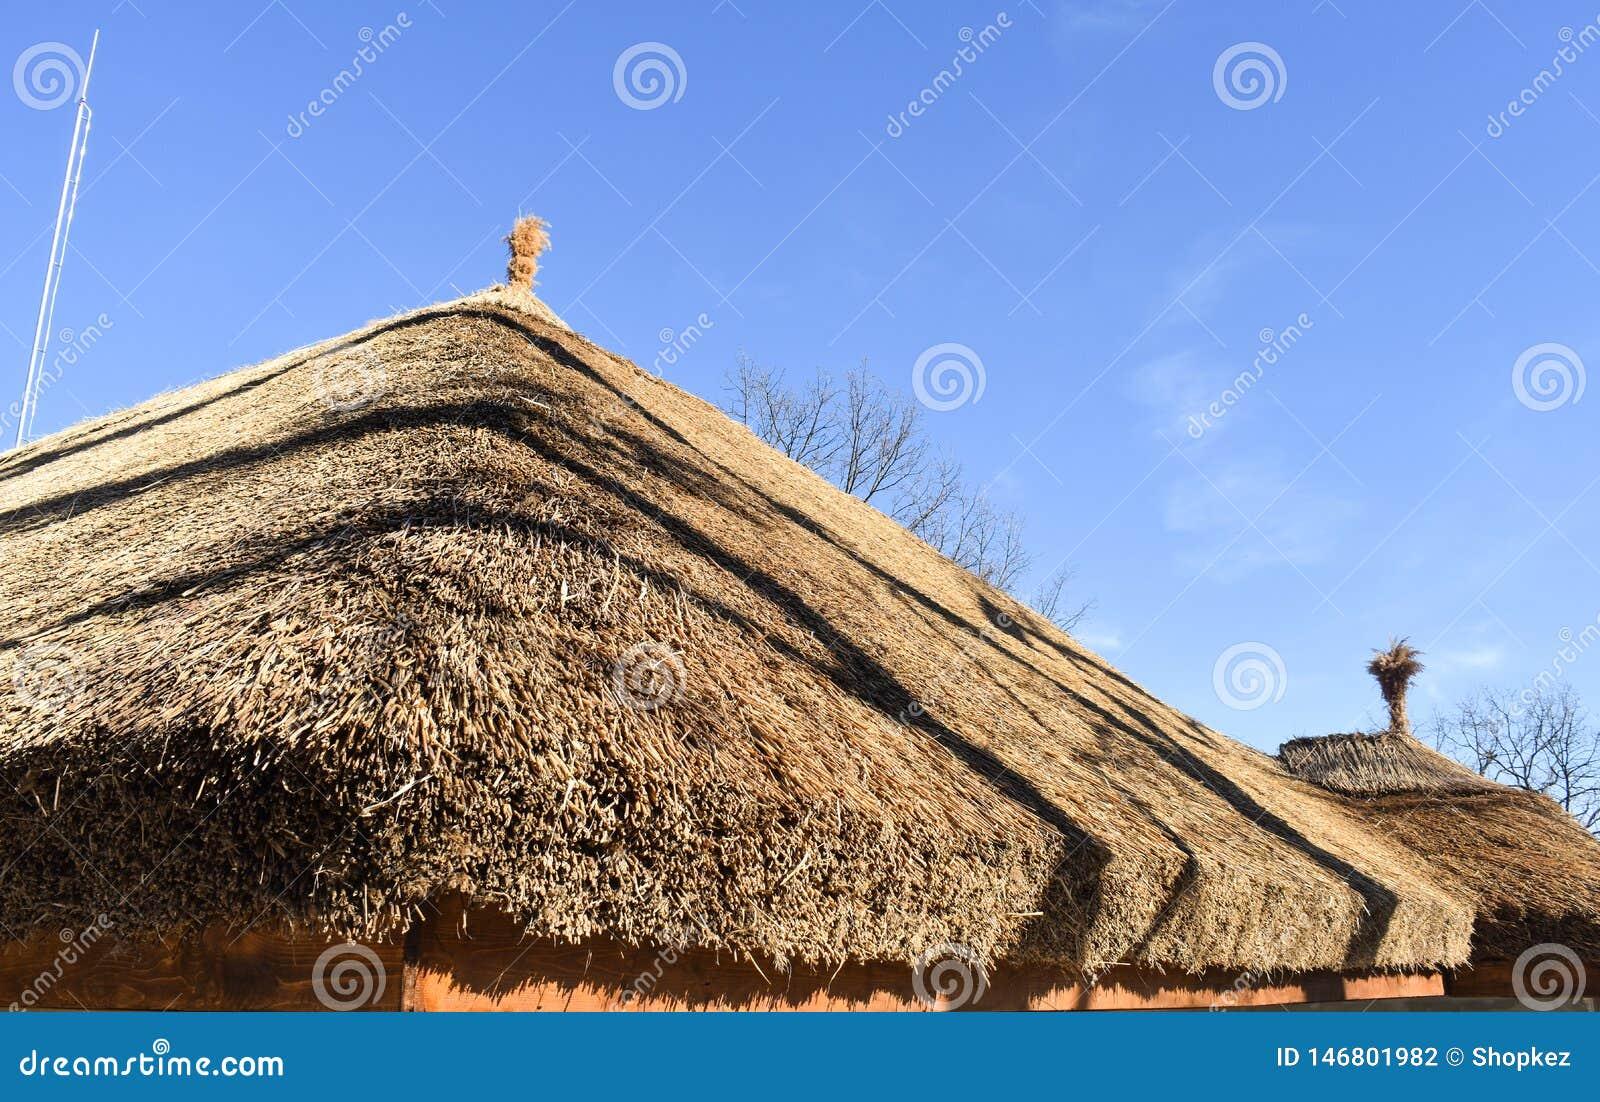 Traditioneel Afrikaans met stro bedekt dak tegen een blauwe hemel